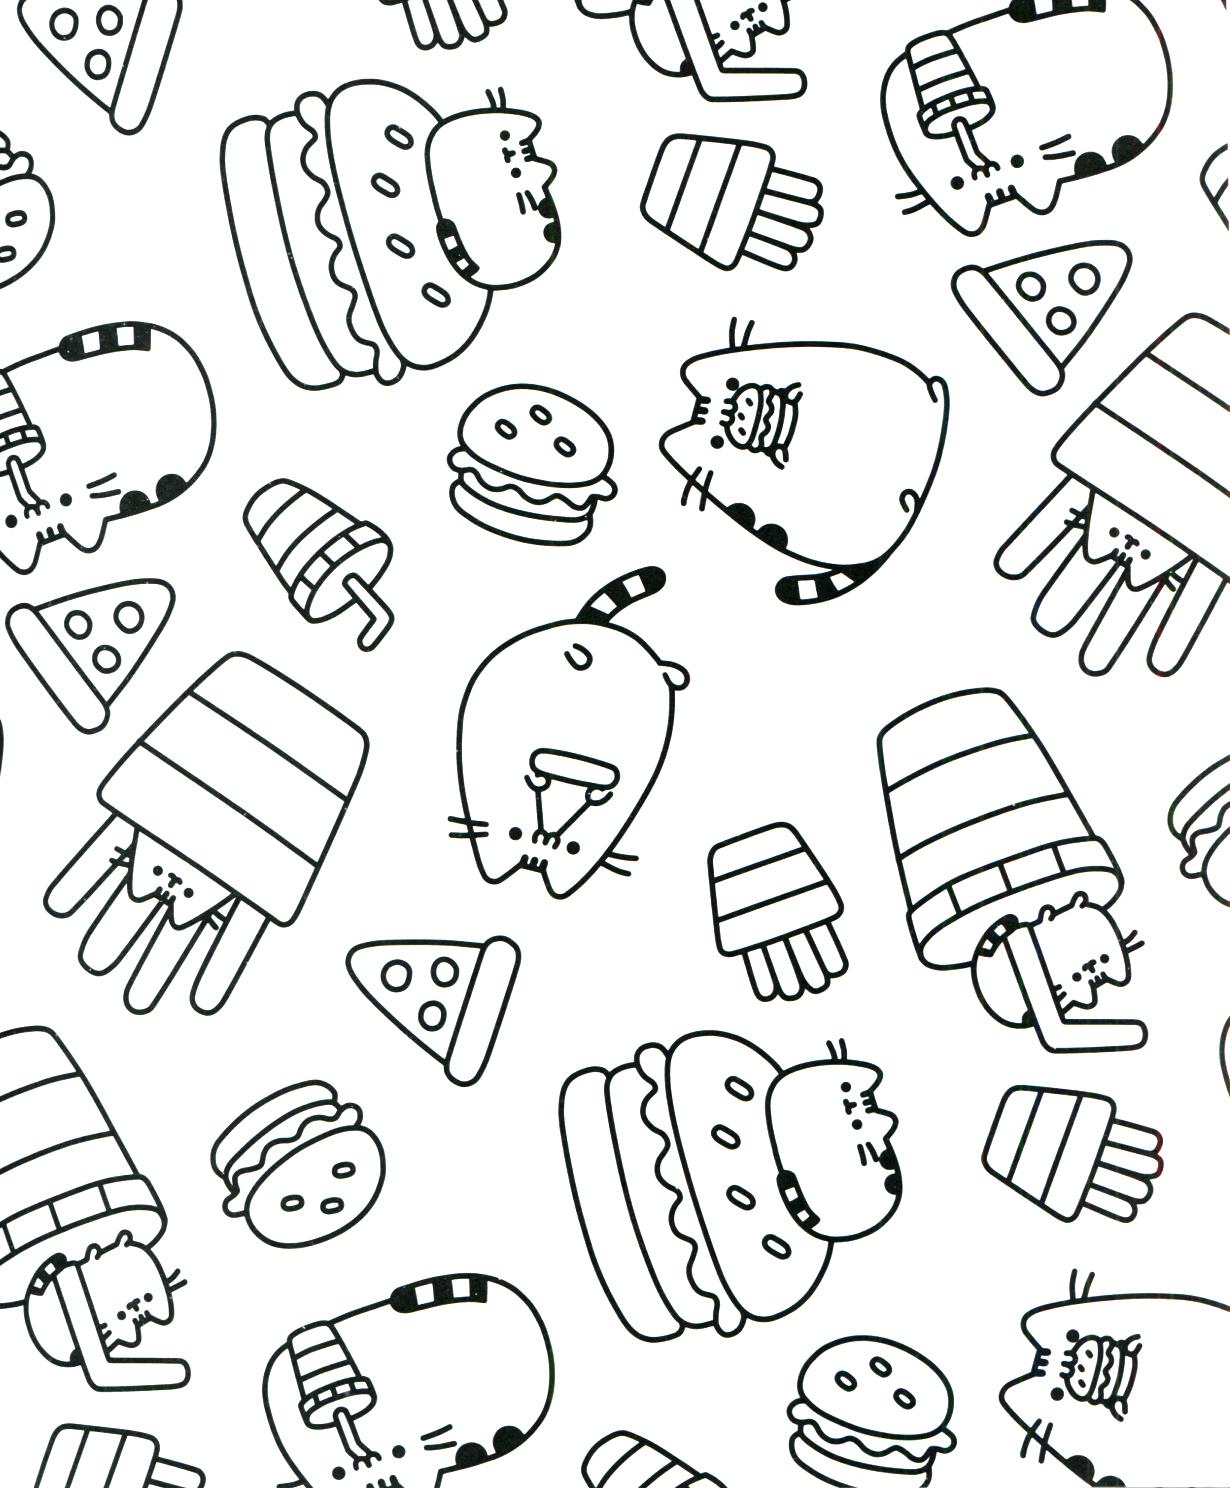 Pusheen Coloring Book Pusheen Pusheen The Cat Unicorn Coloring Pages Coloring Pages Pusheen Coloring Pages